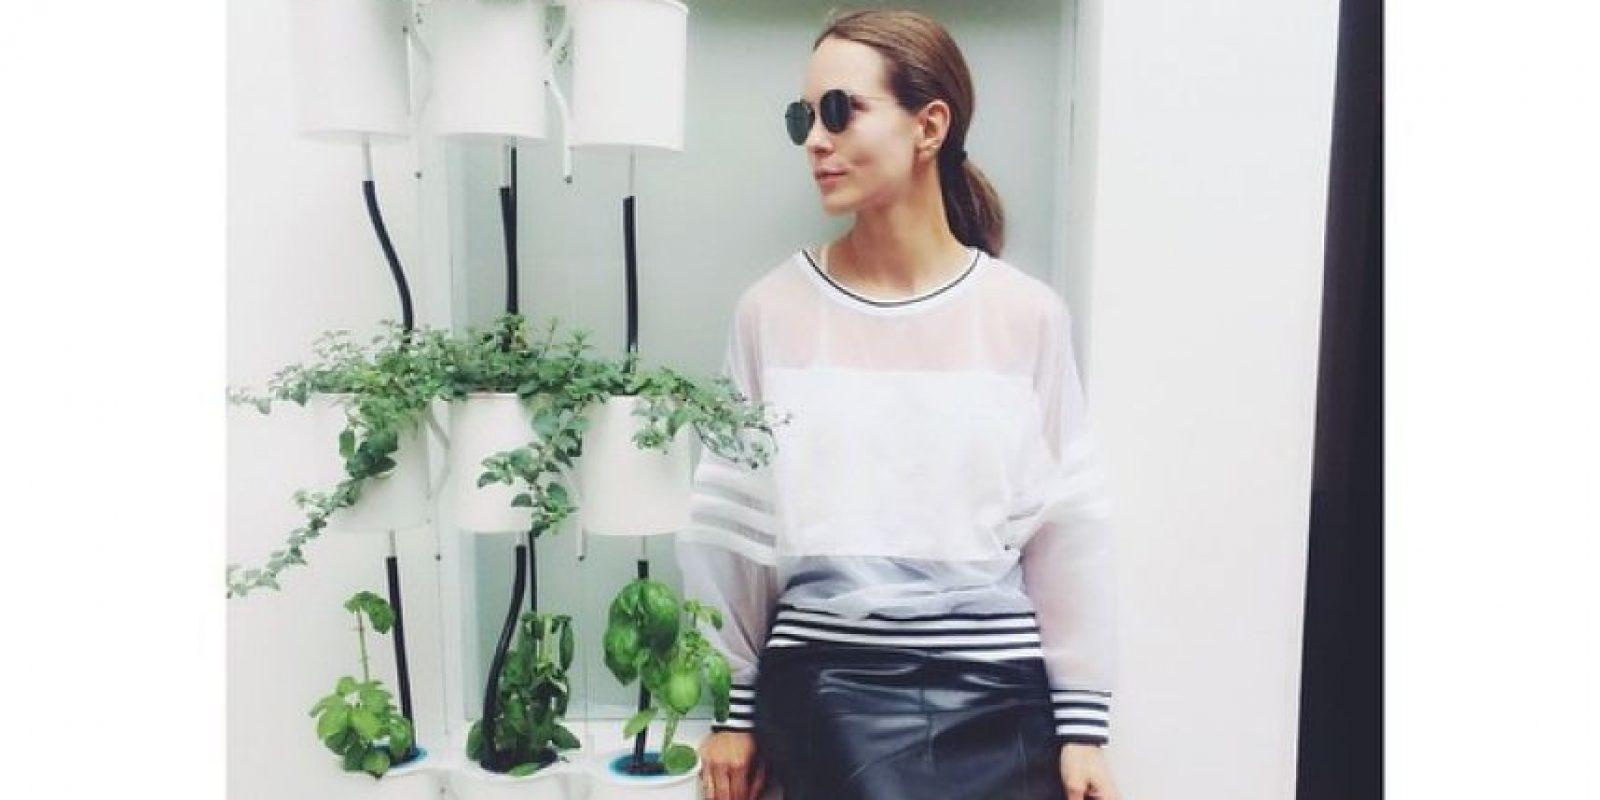 Sin embargo, los toques de diseño con el que se divierte a parecen en sus outfits Foto:Catalina Aristizabal Instagram